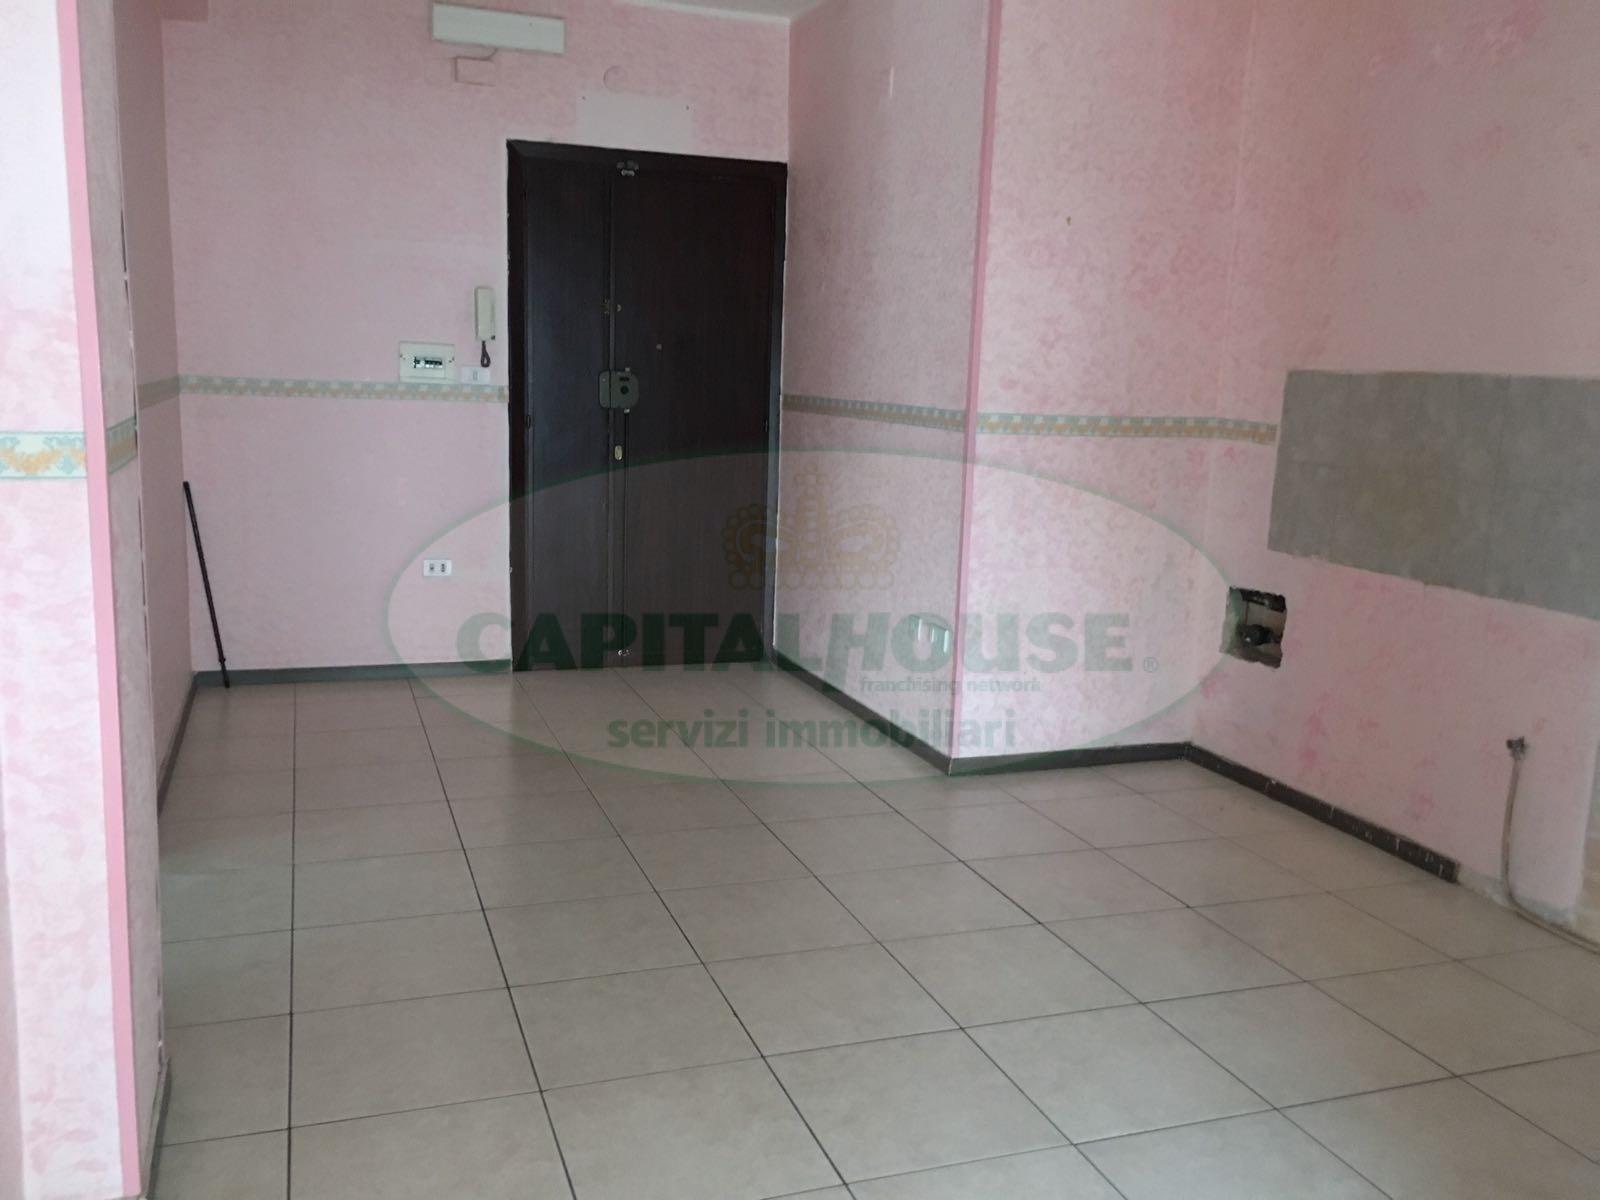 Appartamento in affitto a Afragola, 2 locali, zona Località: ZonaSanMarco, prezzo € 360   CambioCasa.it